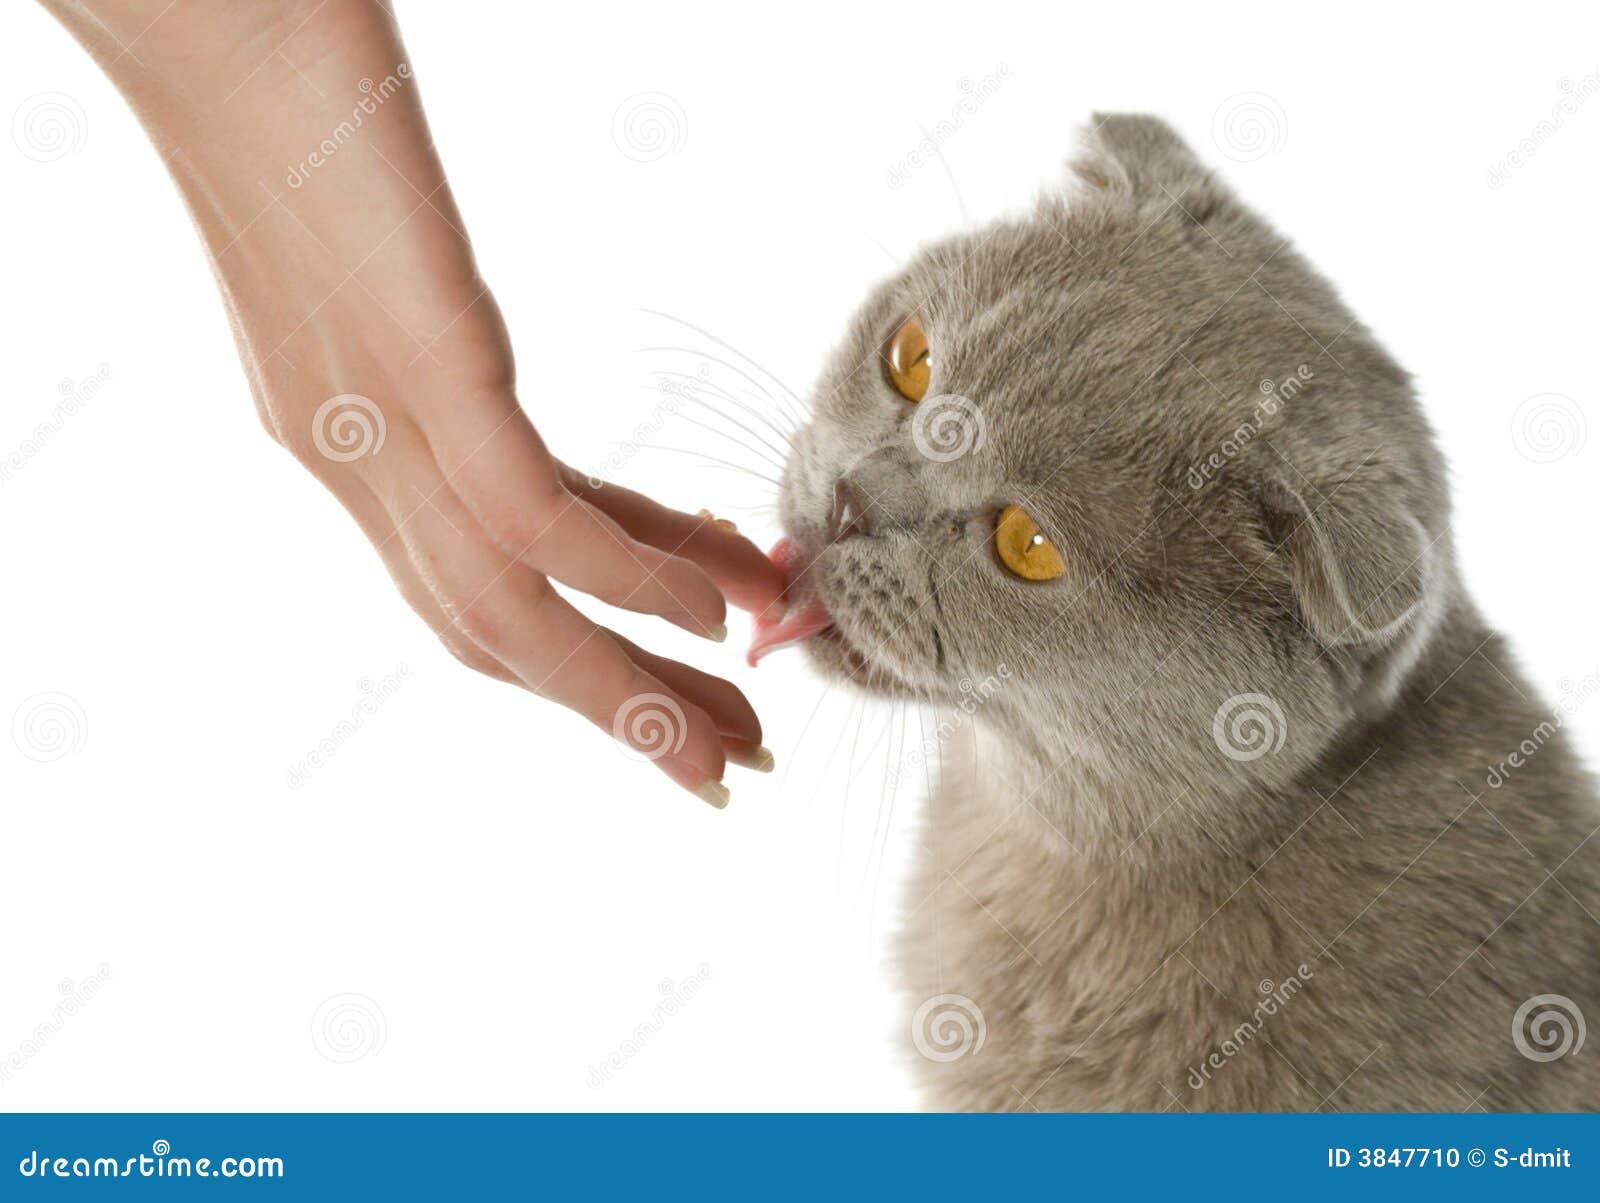 Mordeduras de gato que lame